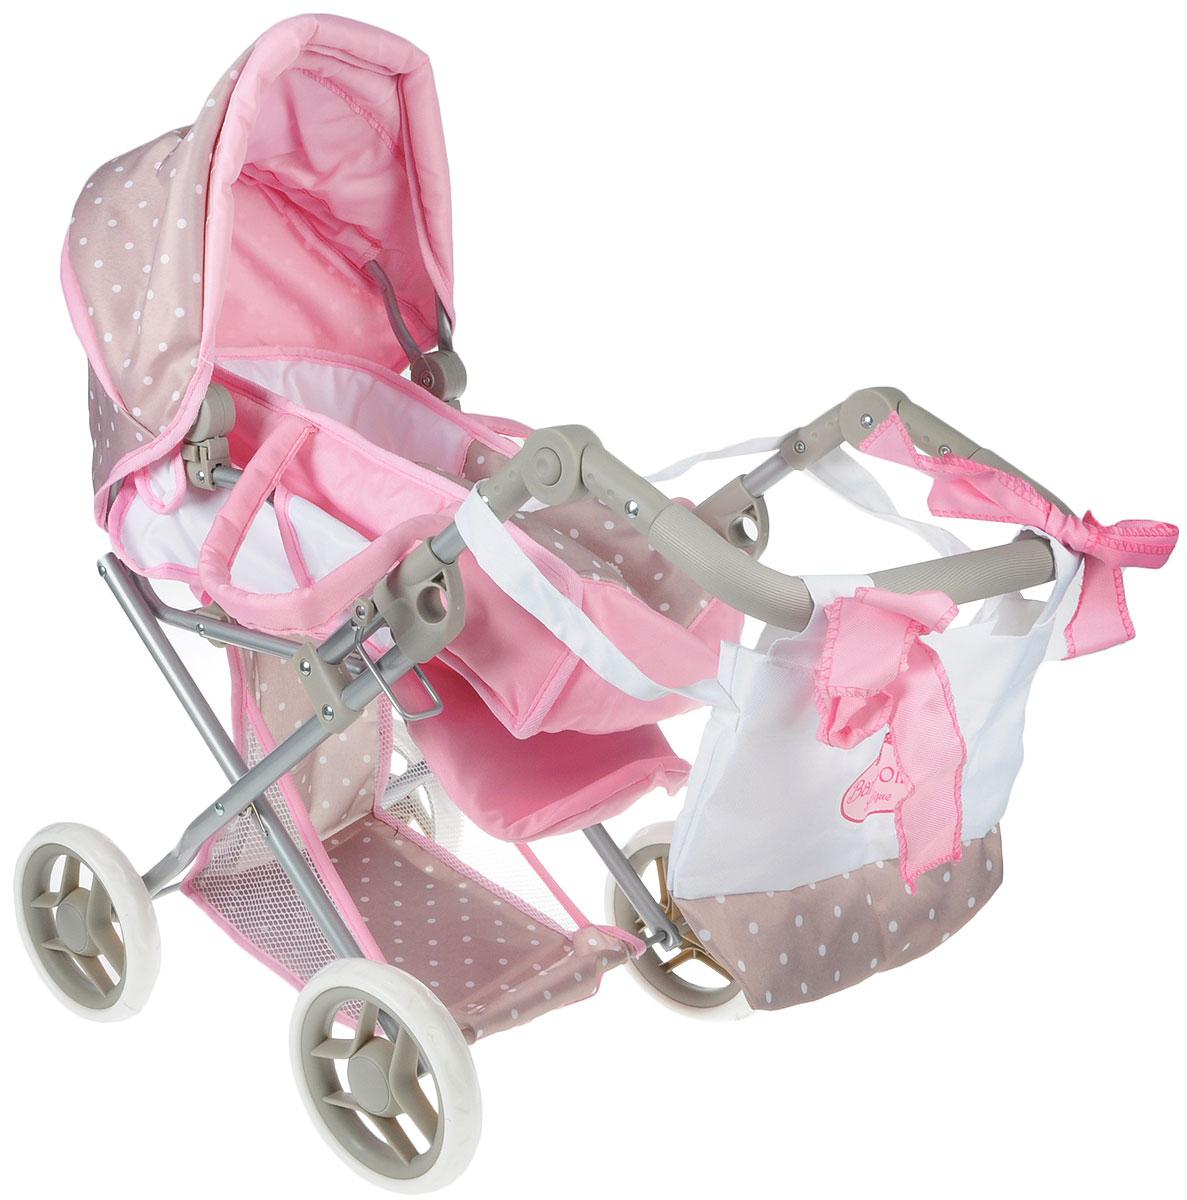 Bambolina коляска для кукол Средняя классическая коляска с сумкой (BD1608-M4) кровать bambolina bambolina divina 125 65см орех е0000006700